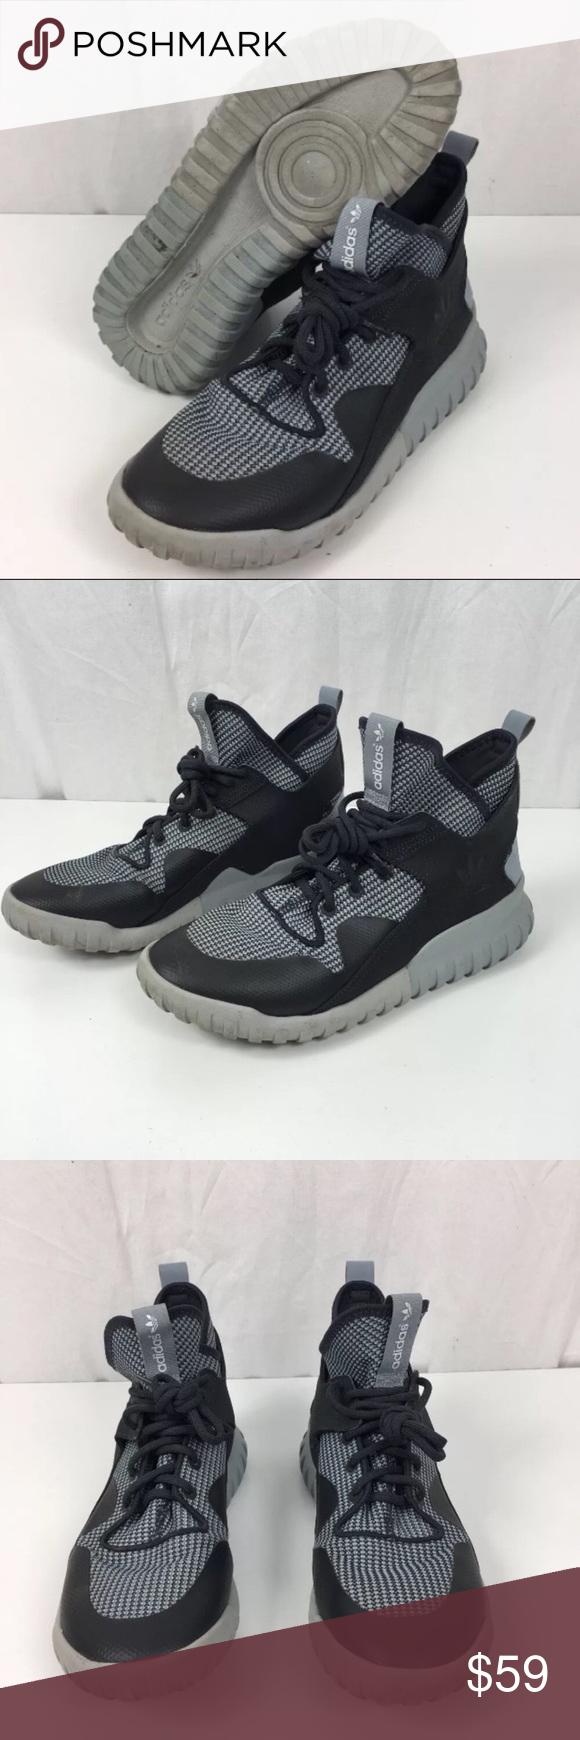 big sale 1fc7e 64cf0 Adidas Originals Tubular X Primeknit Sneakers Adidas Originals Men s  Tubular X Primeknit Sneakers Shoes Carbon Grey AF6368 Size 9 High top shoes  that fuse ...